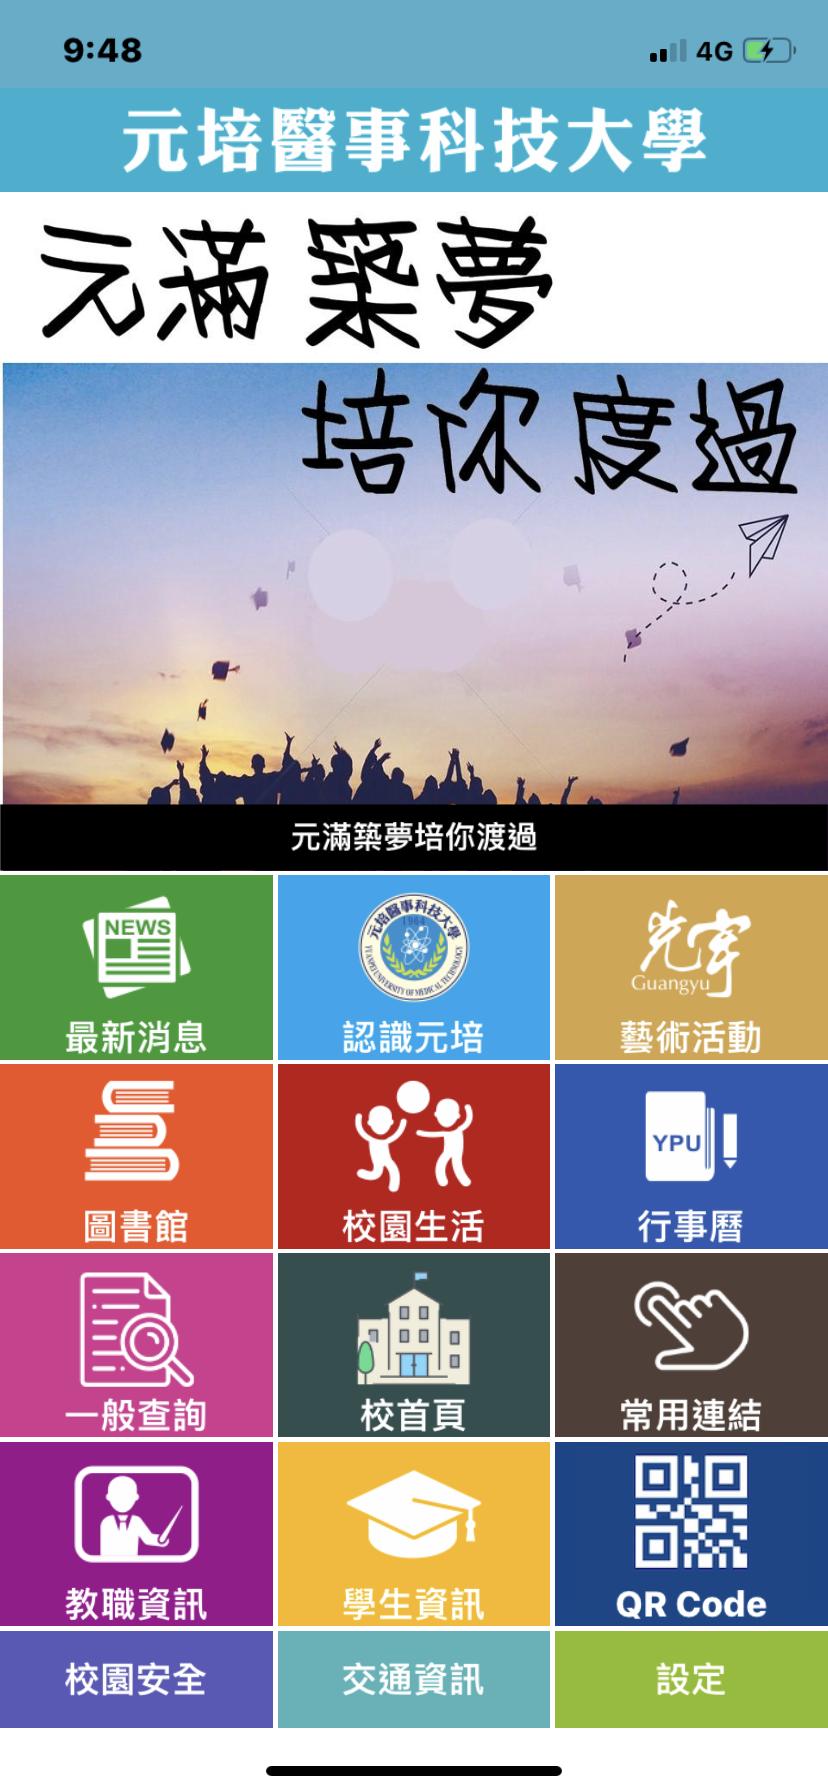 元 培 醫 事 科 技 大 學 校園 APP 操作圖片說明